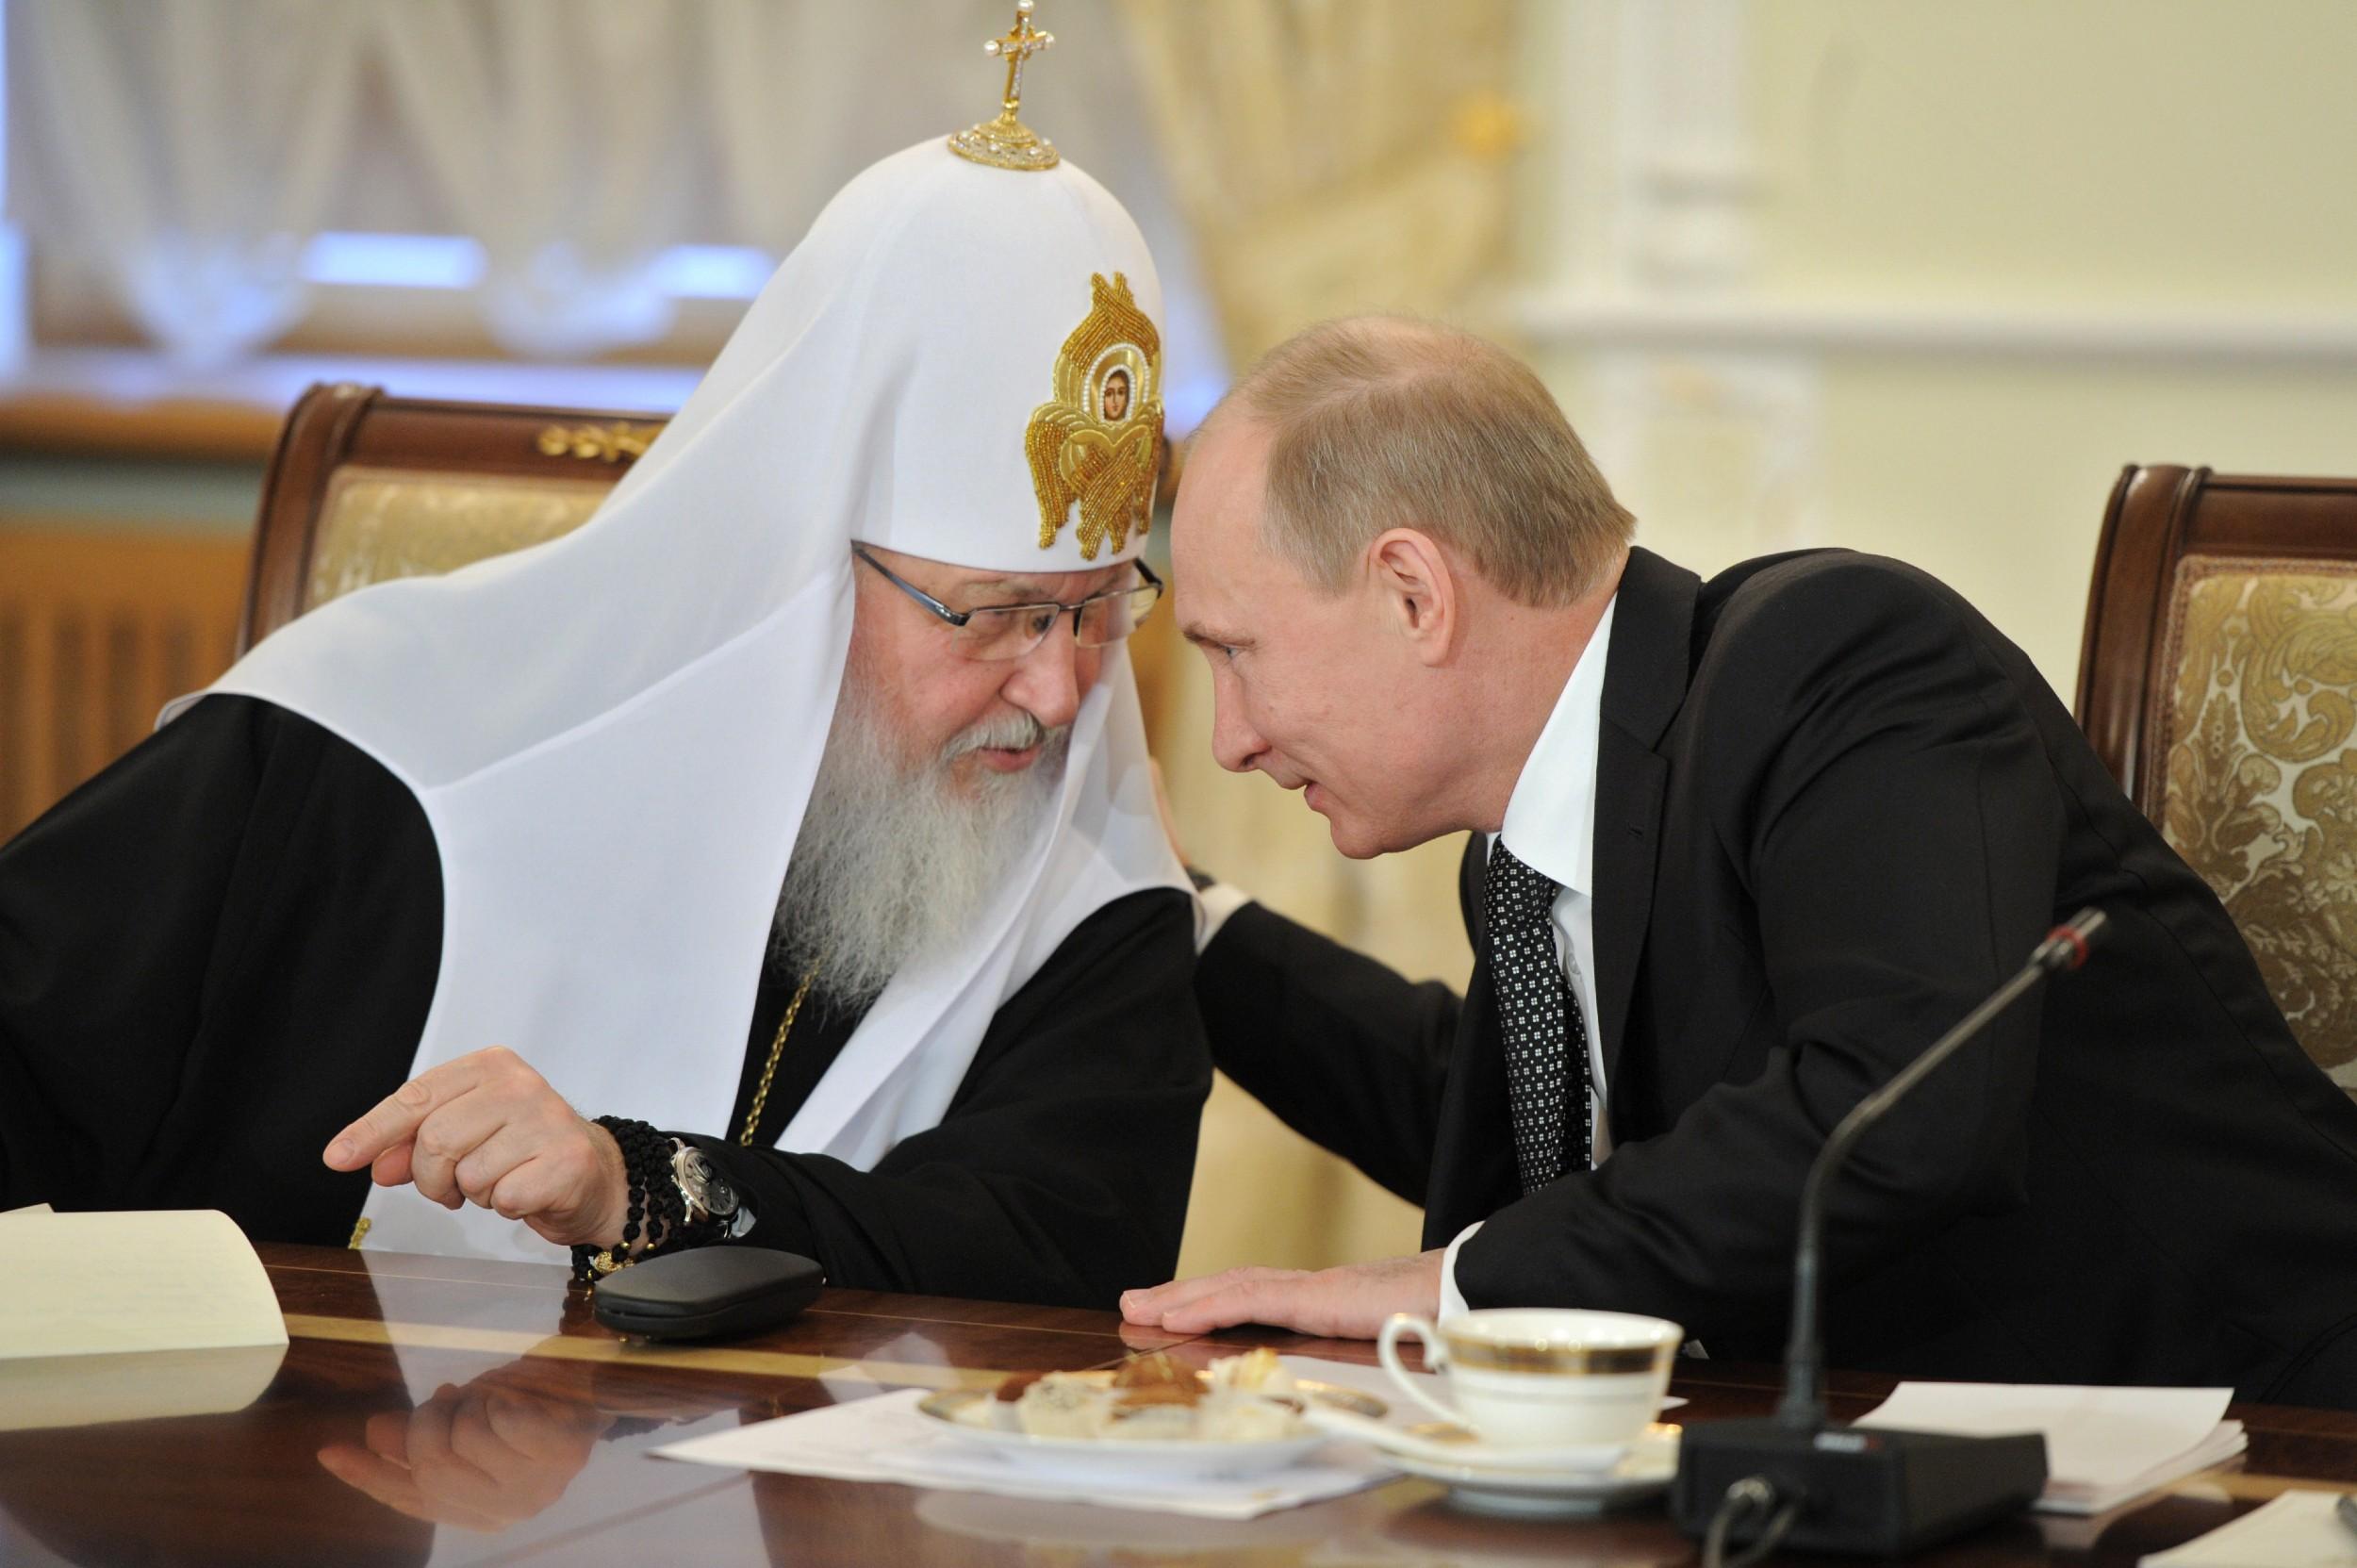 Патријарх московски и све Русије Кирил разговара са председником Русије Владимиром Путином (Фото: Новая газета)